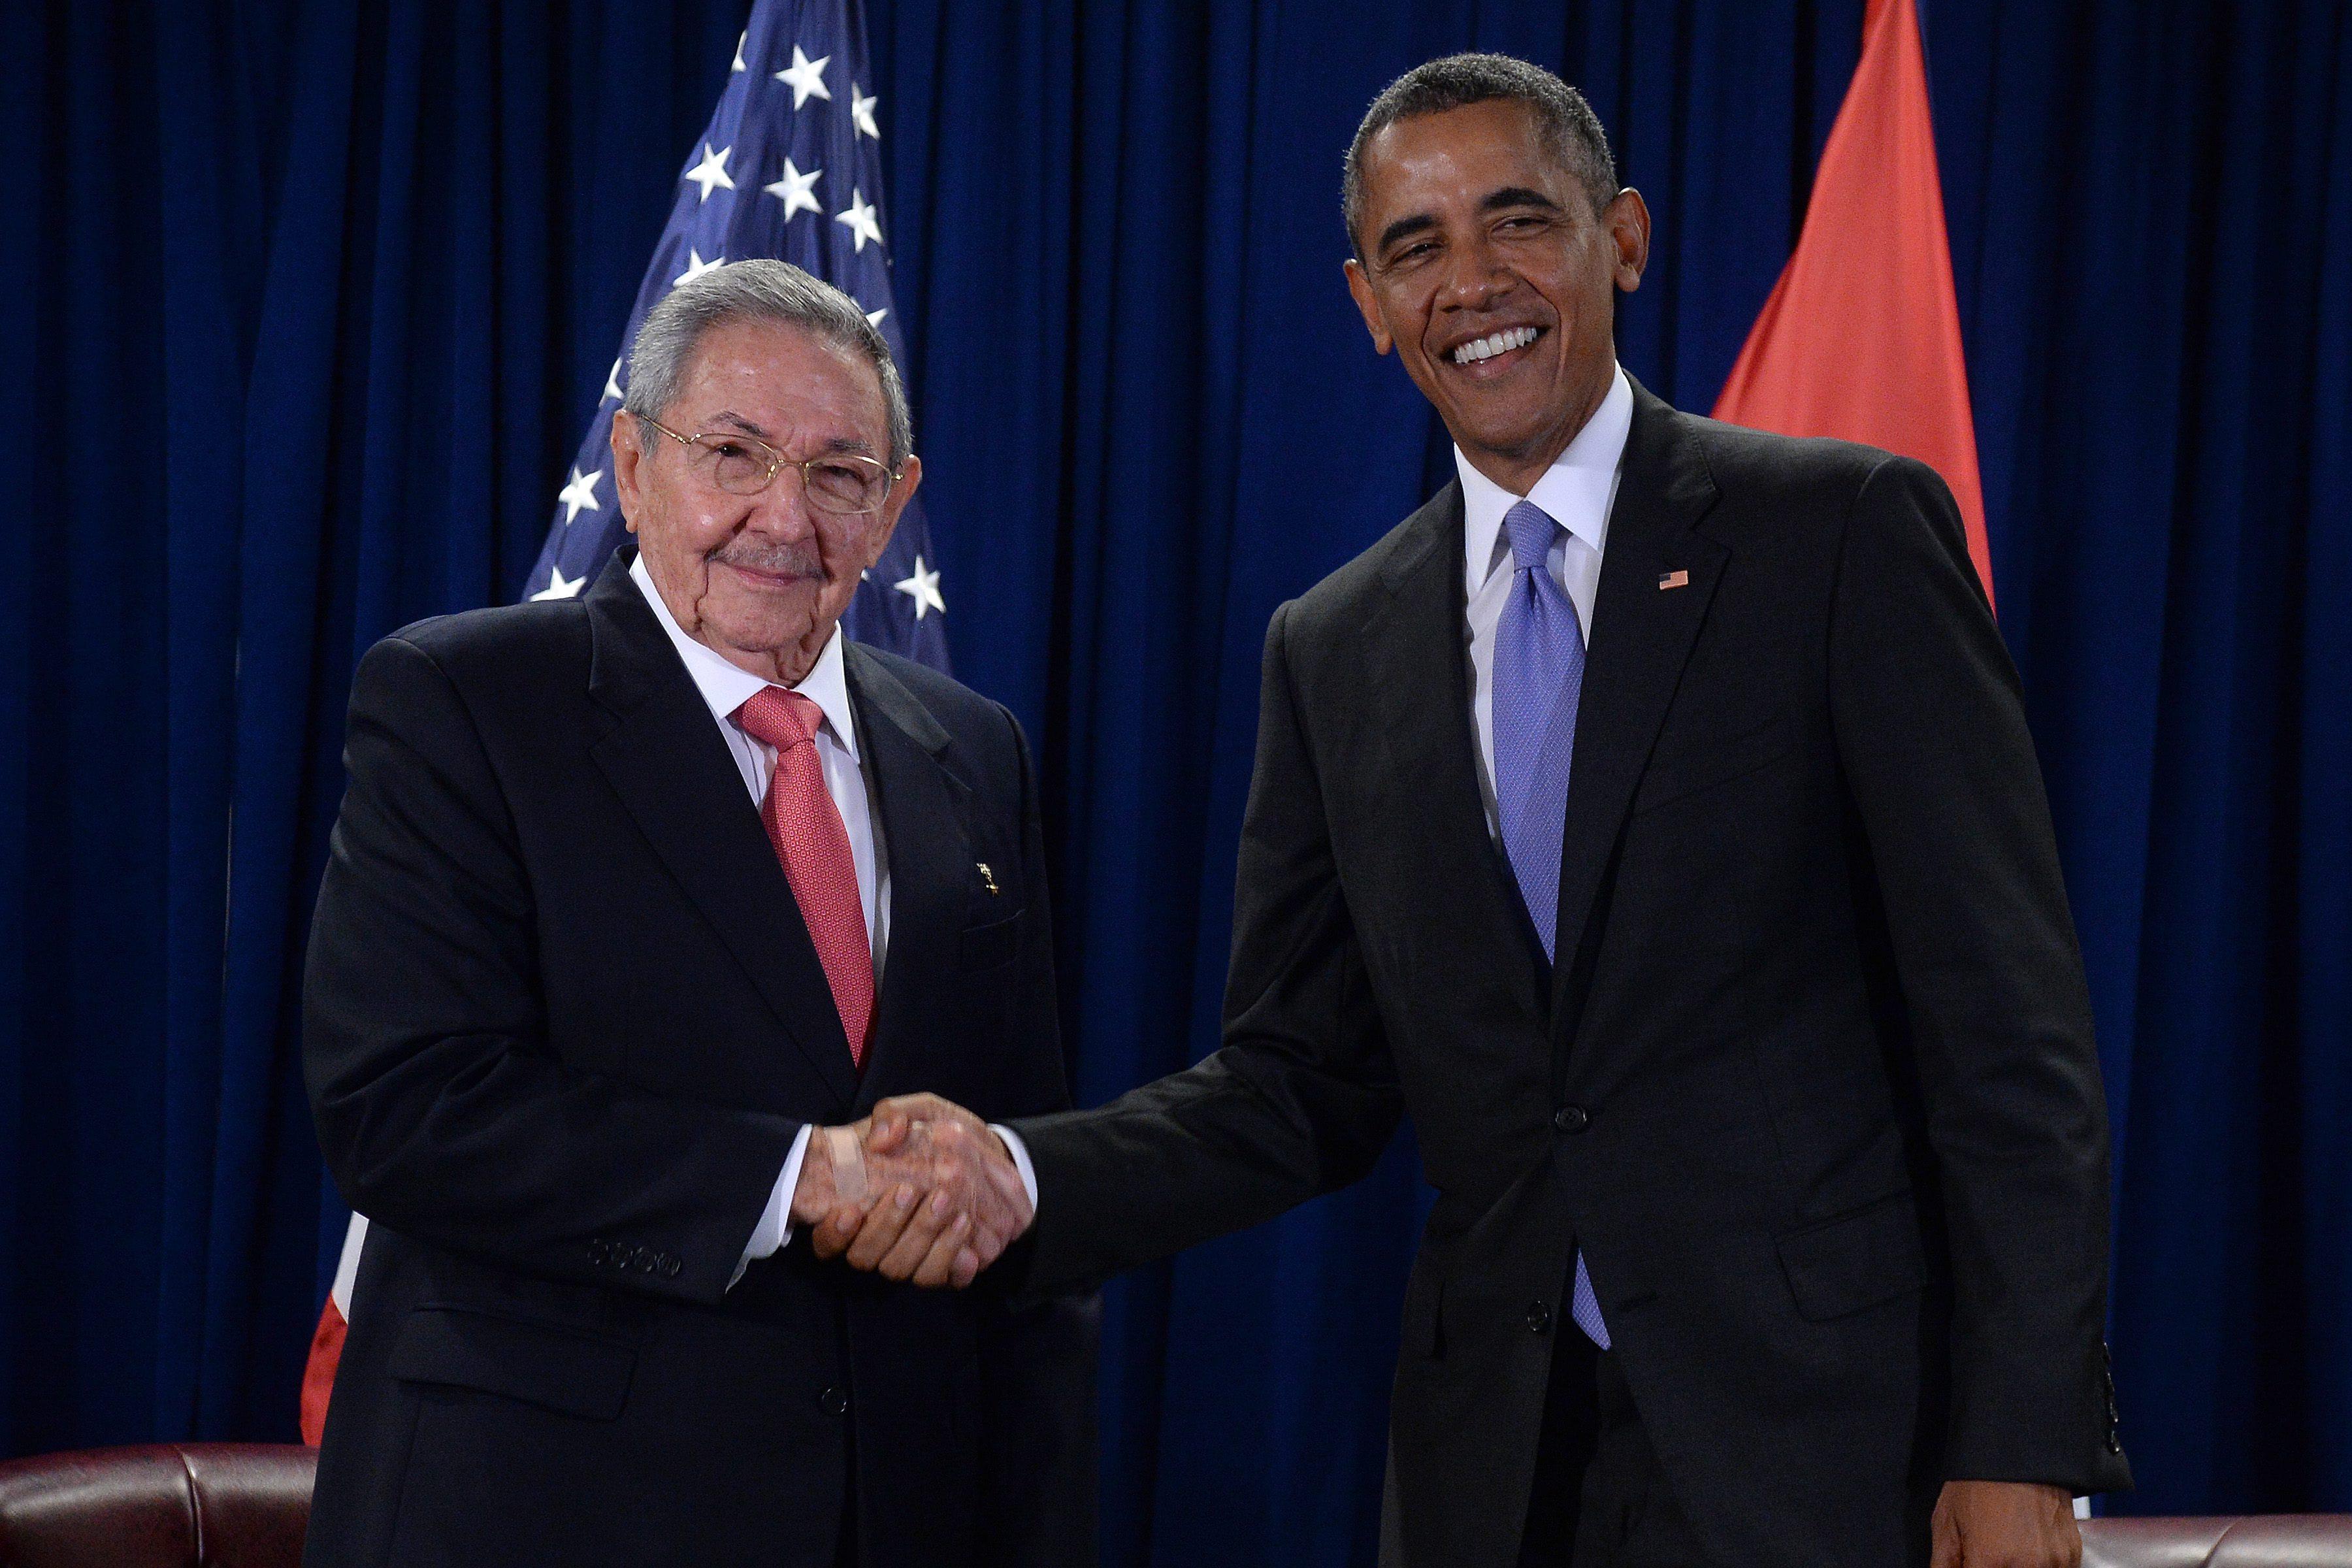 Barack Obama Deixa Legado De Importantes Conquistas Em Seu Mandato Agencia Brasil